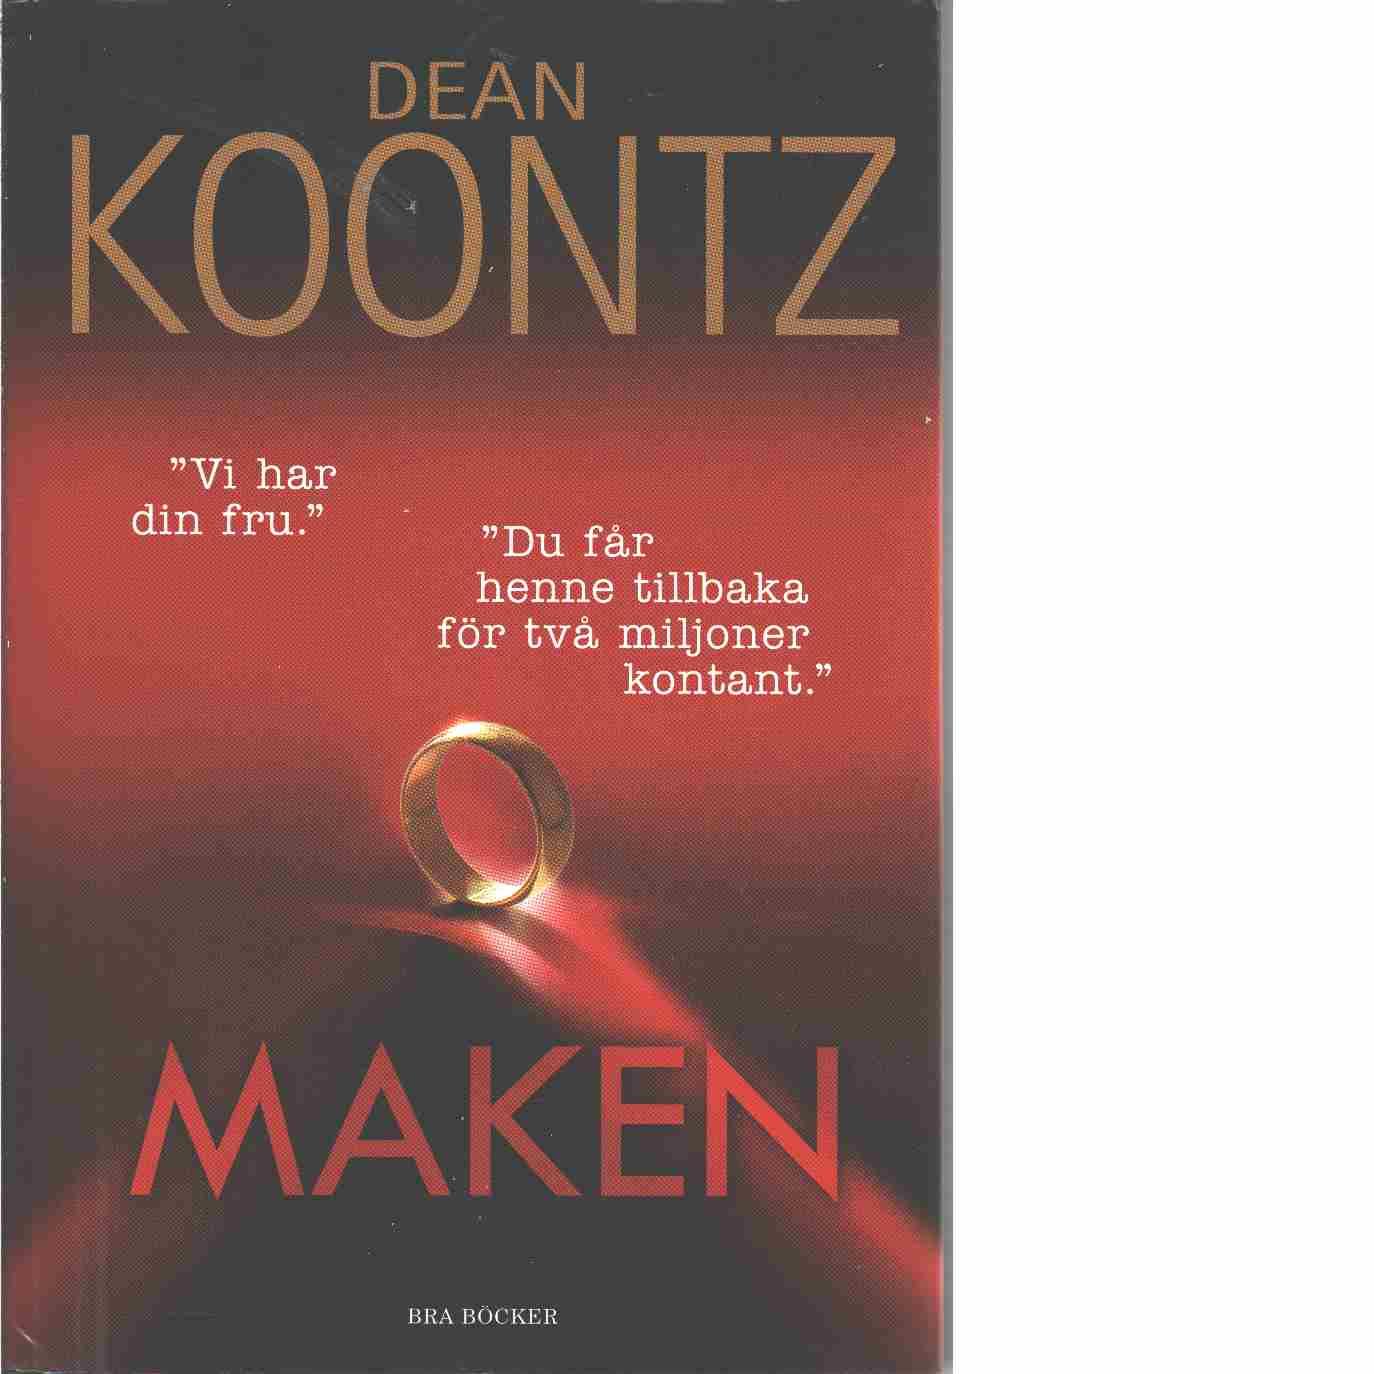 Maken - Koontz, Dean